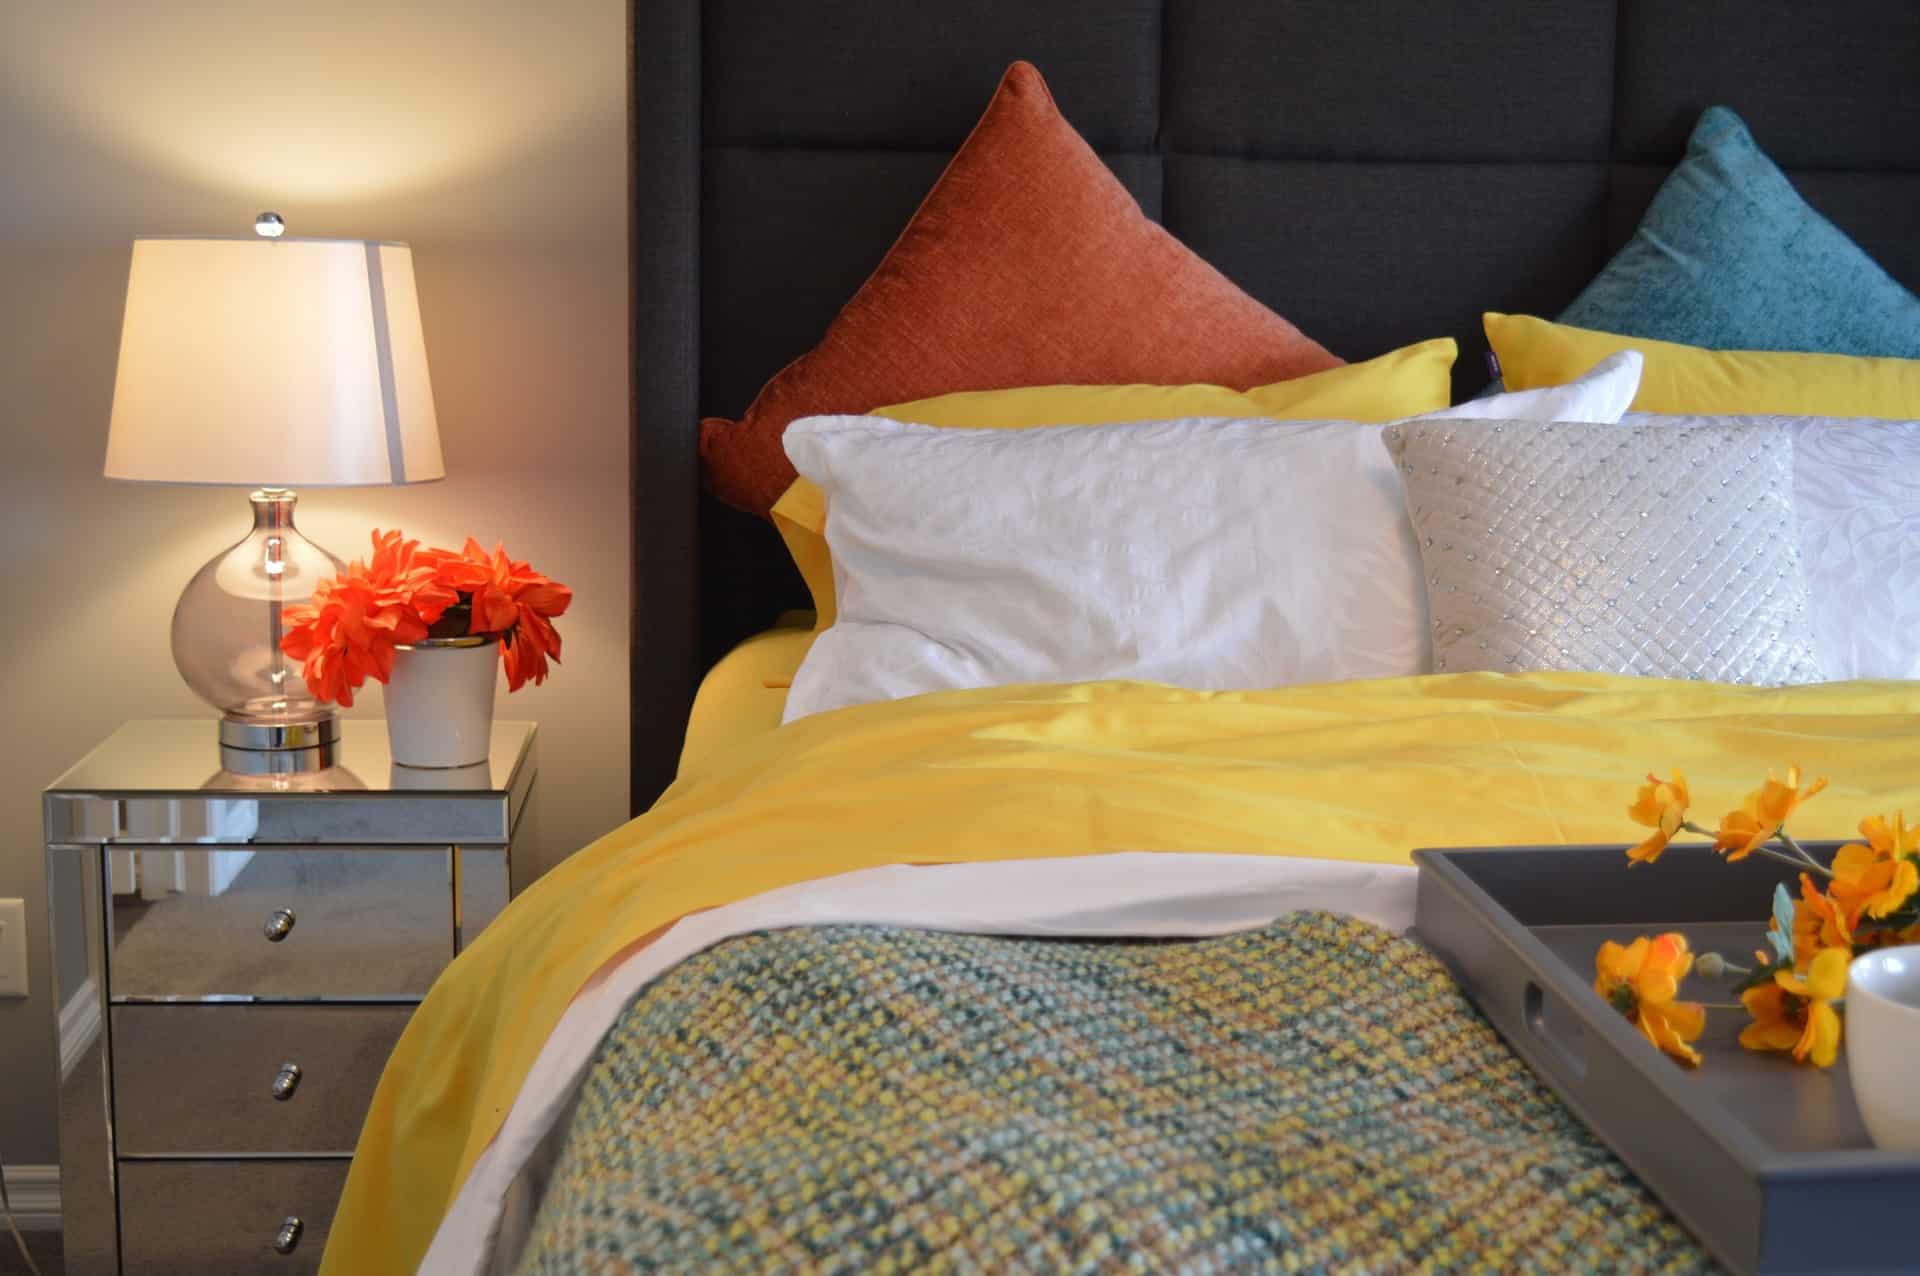 A imagem mostra parte de um quarto com detalhe no criado mudo e na cama. A cama está com um jogo de lençol amarelo e branco, uma colcha e travesseiros e almofadas coloridas.